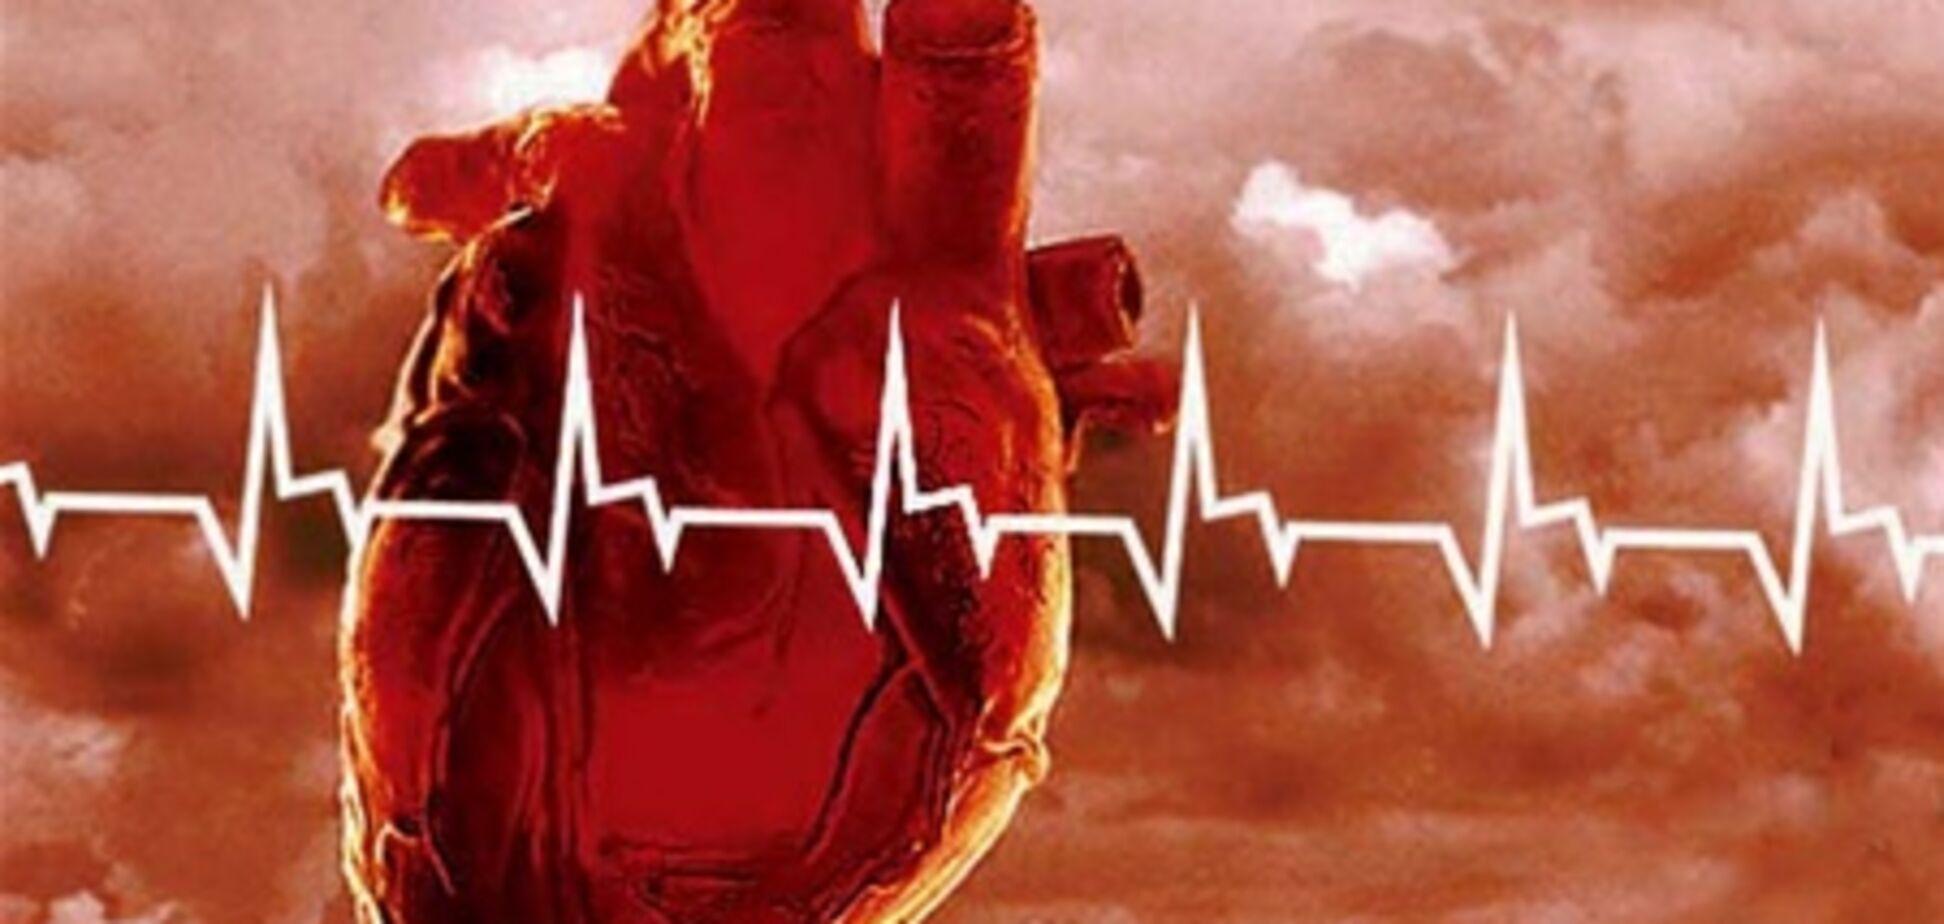 Кардиохирург спас пациента и умер от сердечного приступа